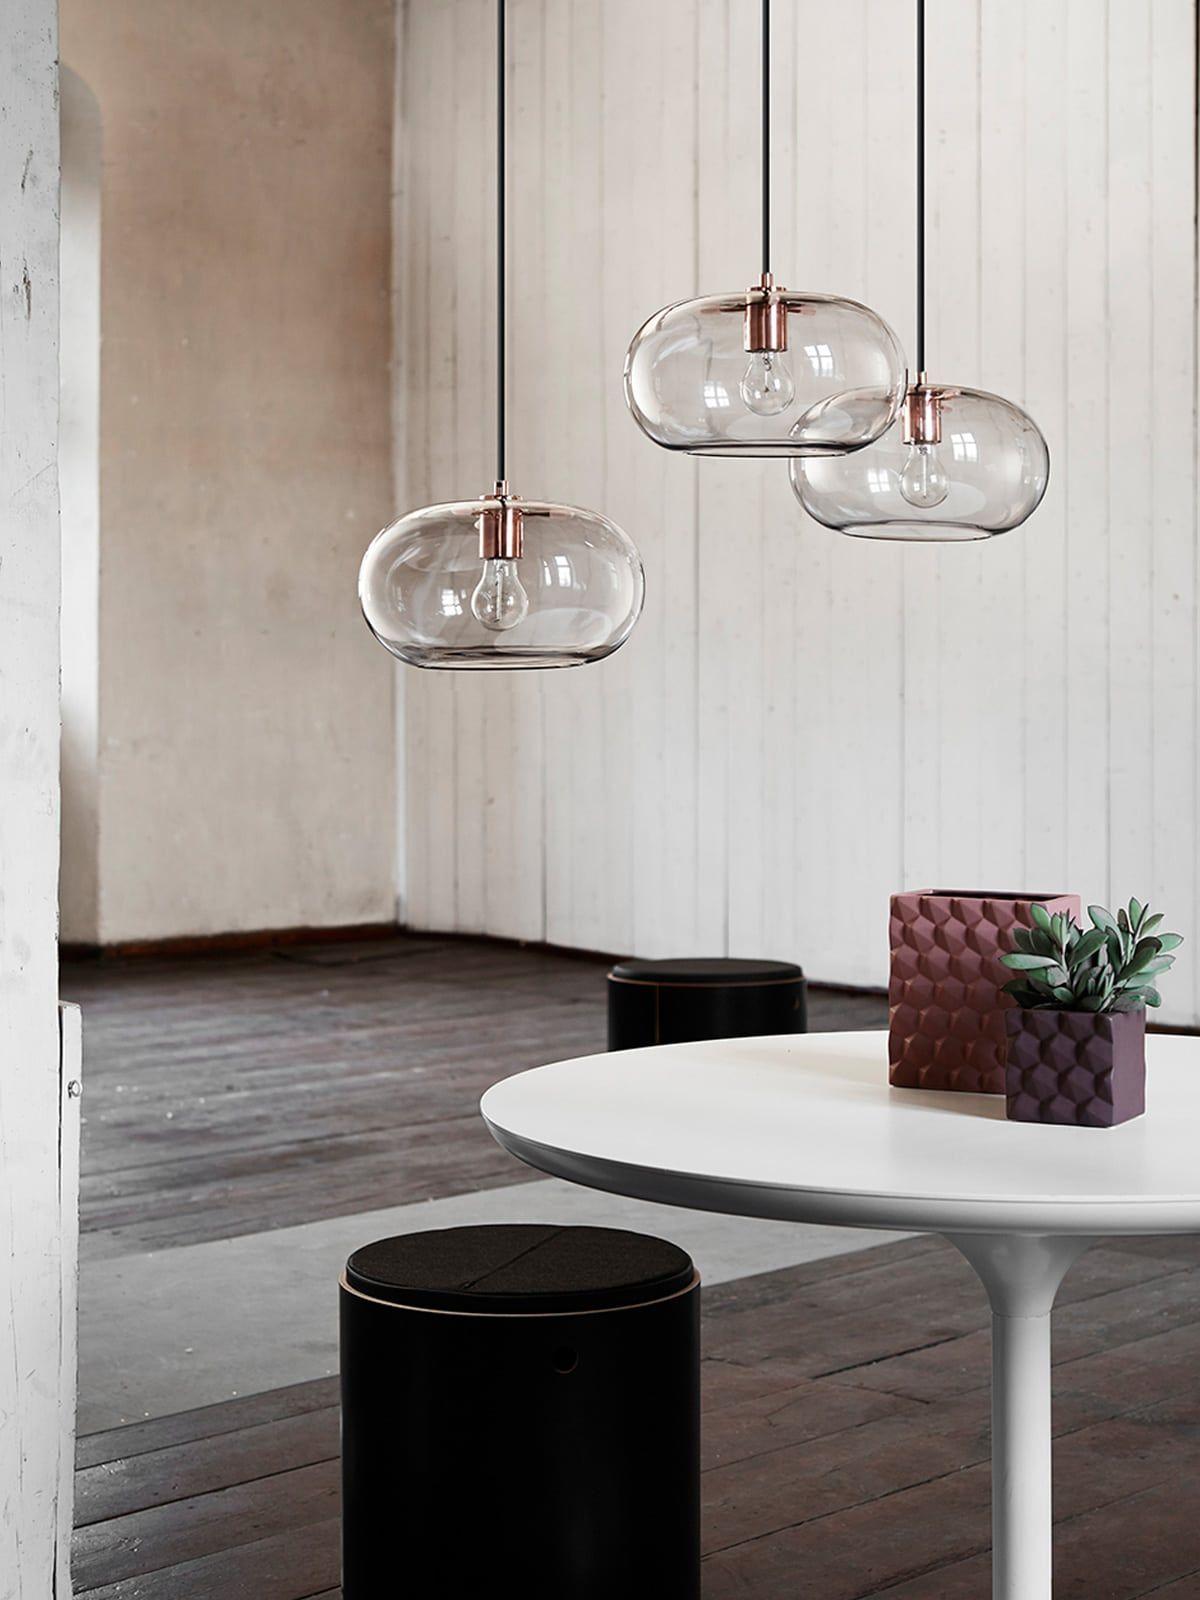 Hängelen Für Hohe Räume ist die elegante glasleuchte für stilvollen lichterglanz im